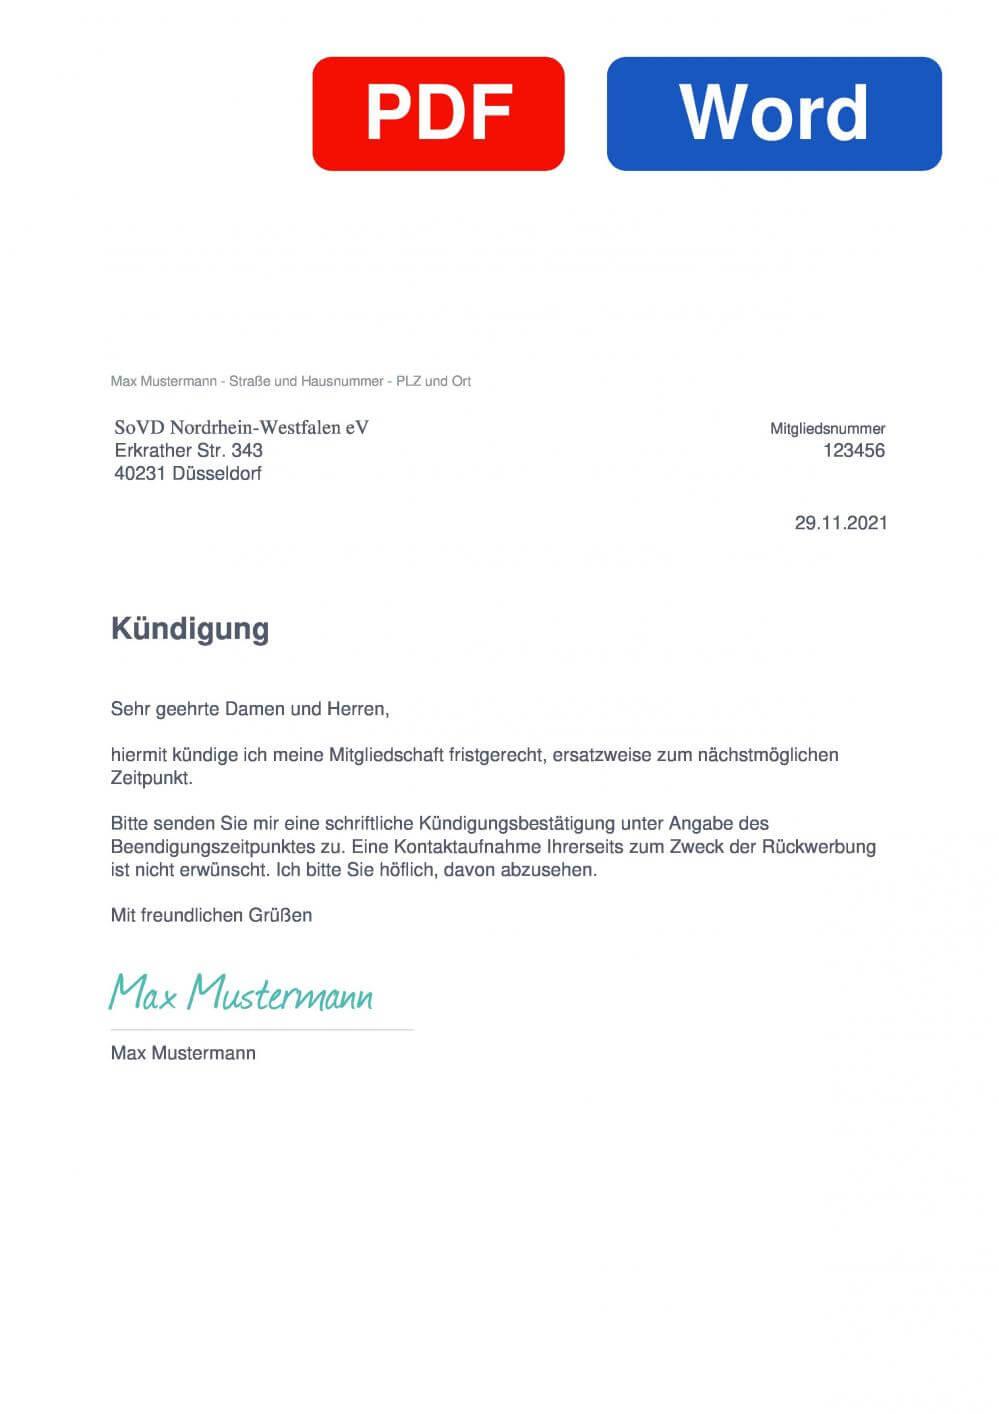 SoVD NRW Muster Vorlage für Kündigungsschreiben